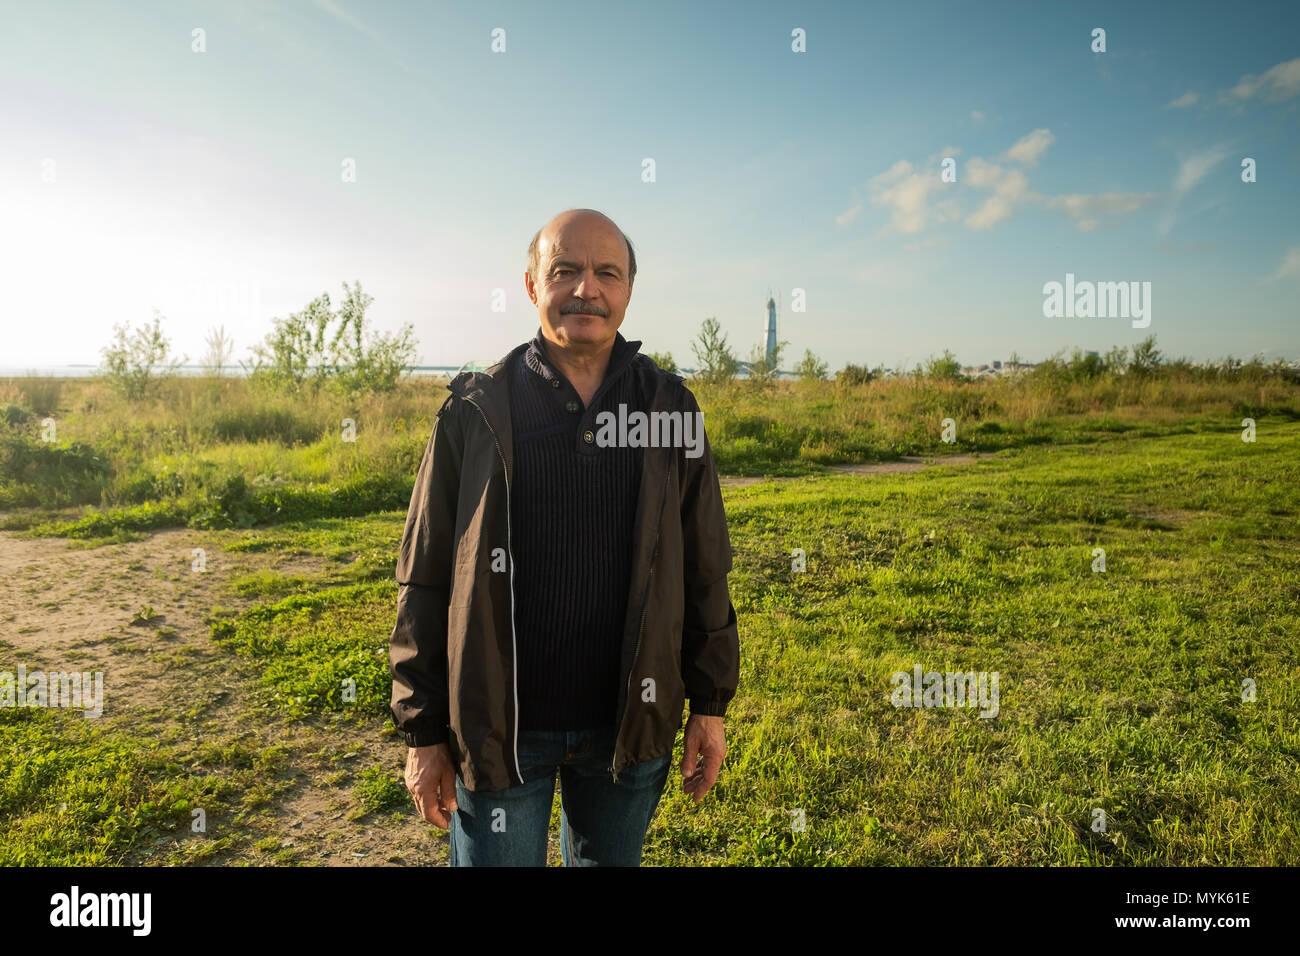 Porträt eines älteren Mannes im freien Stockbild